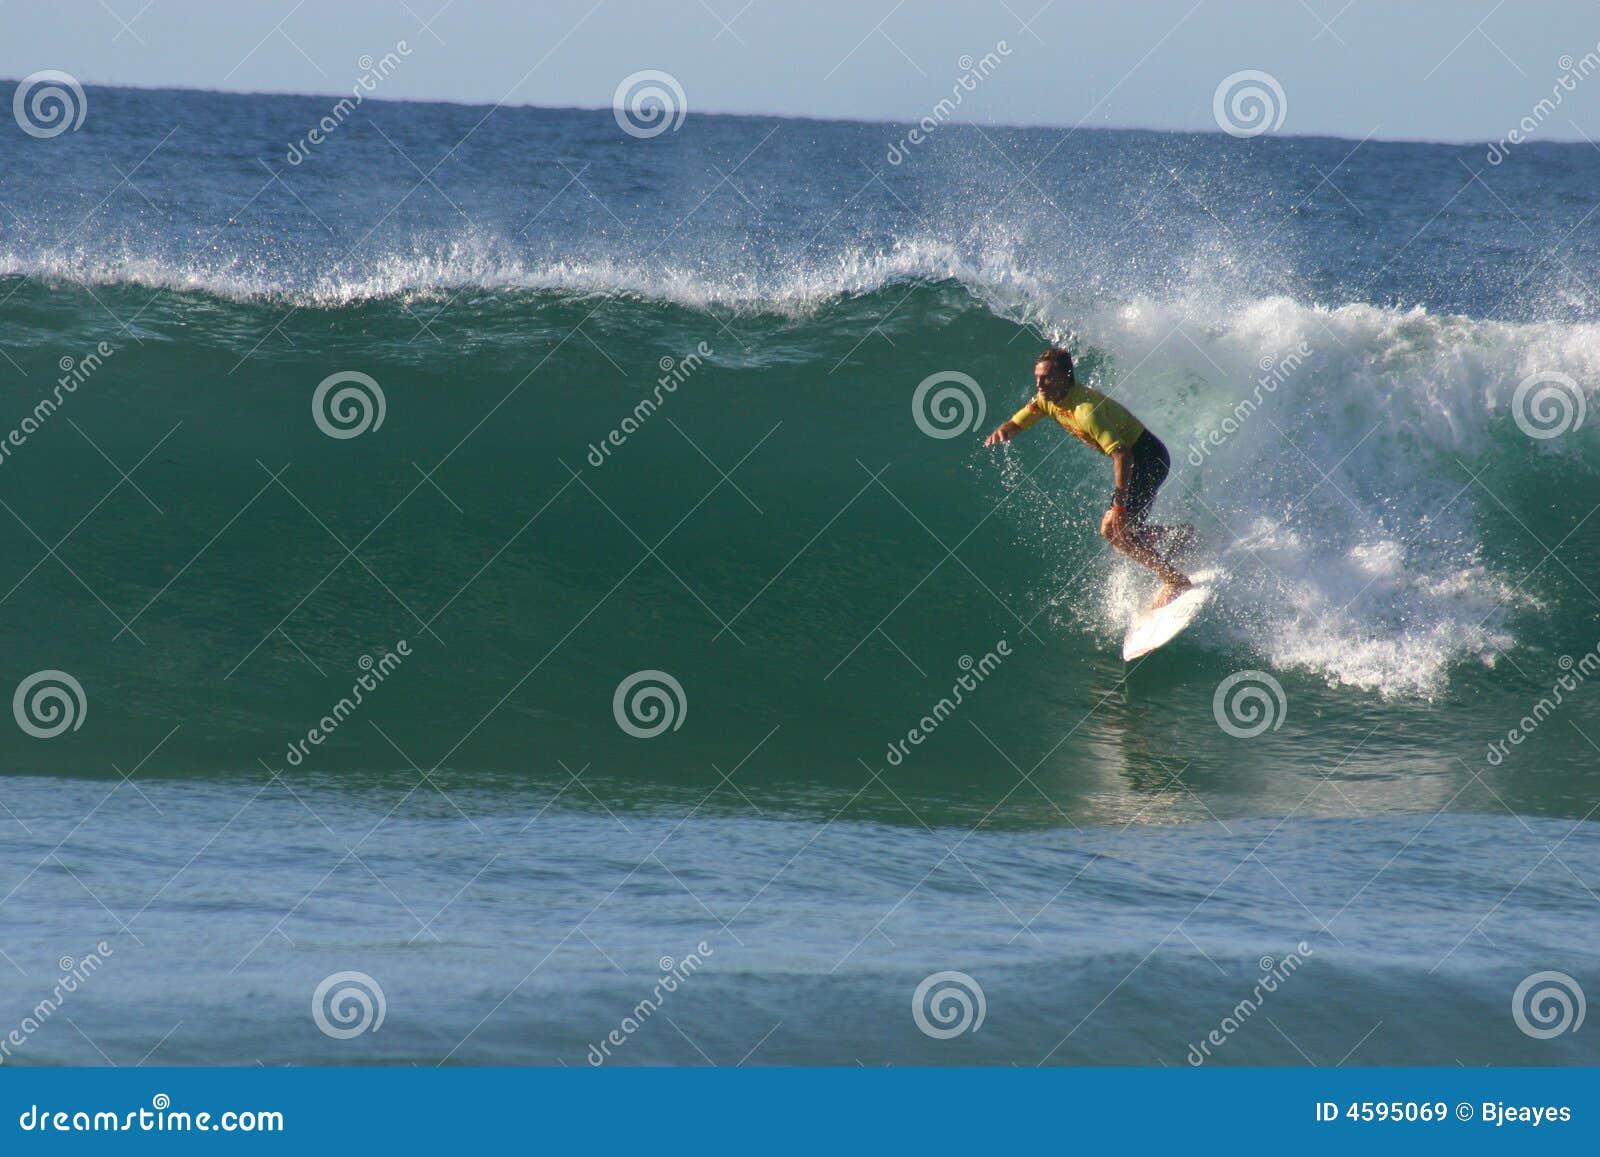 επαγγελματικό surfer του Chris davidson